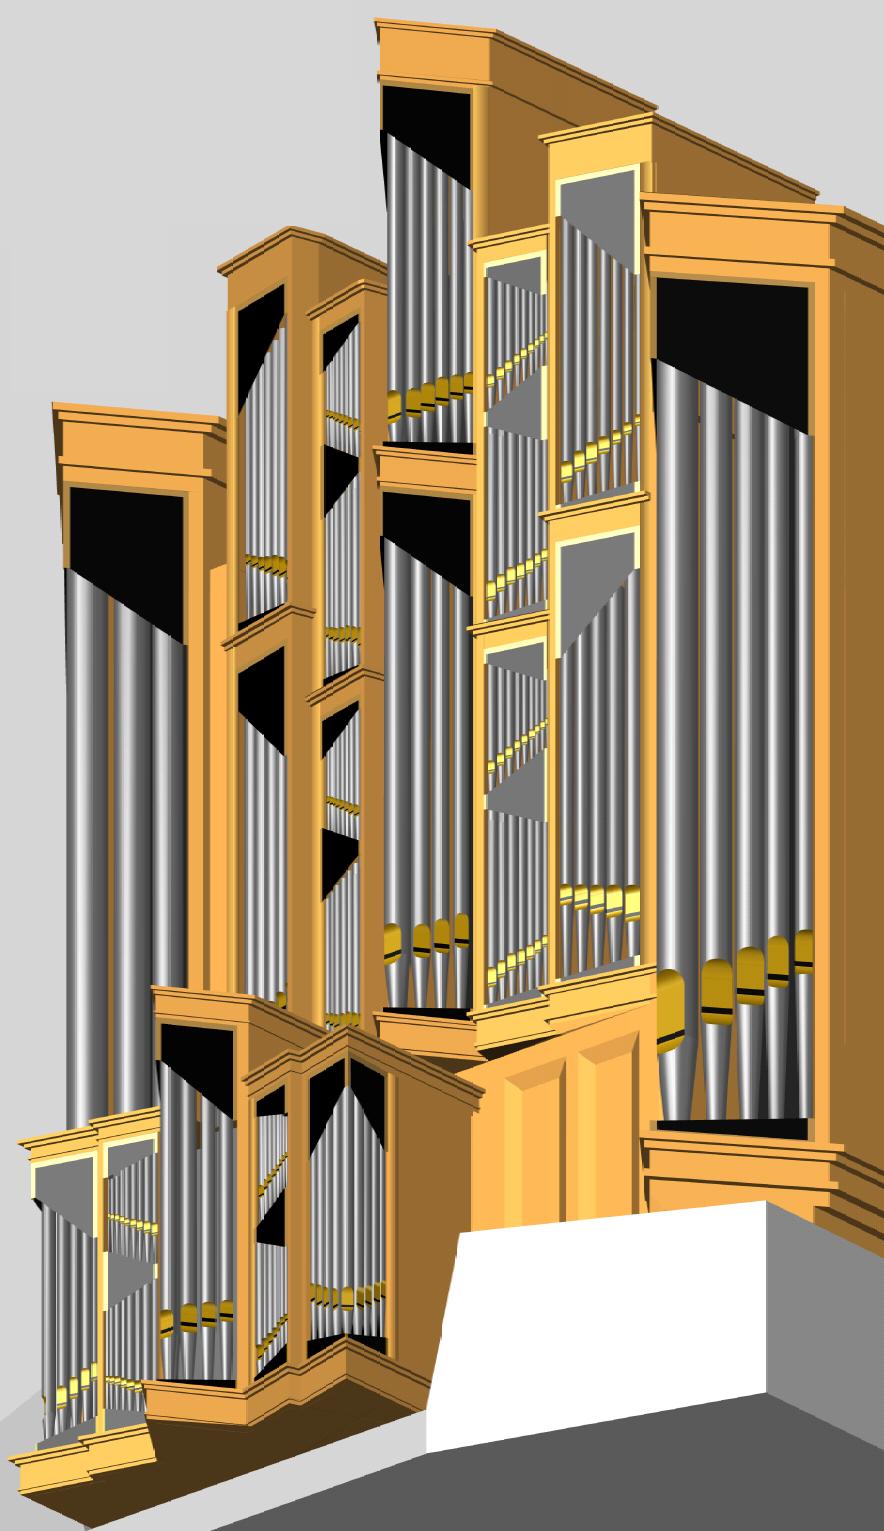 Orgel in 3D